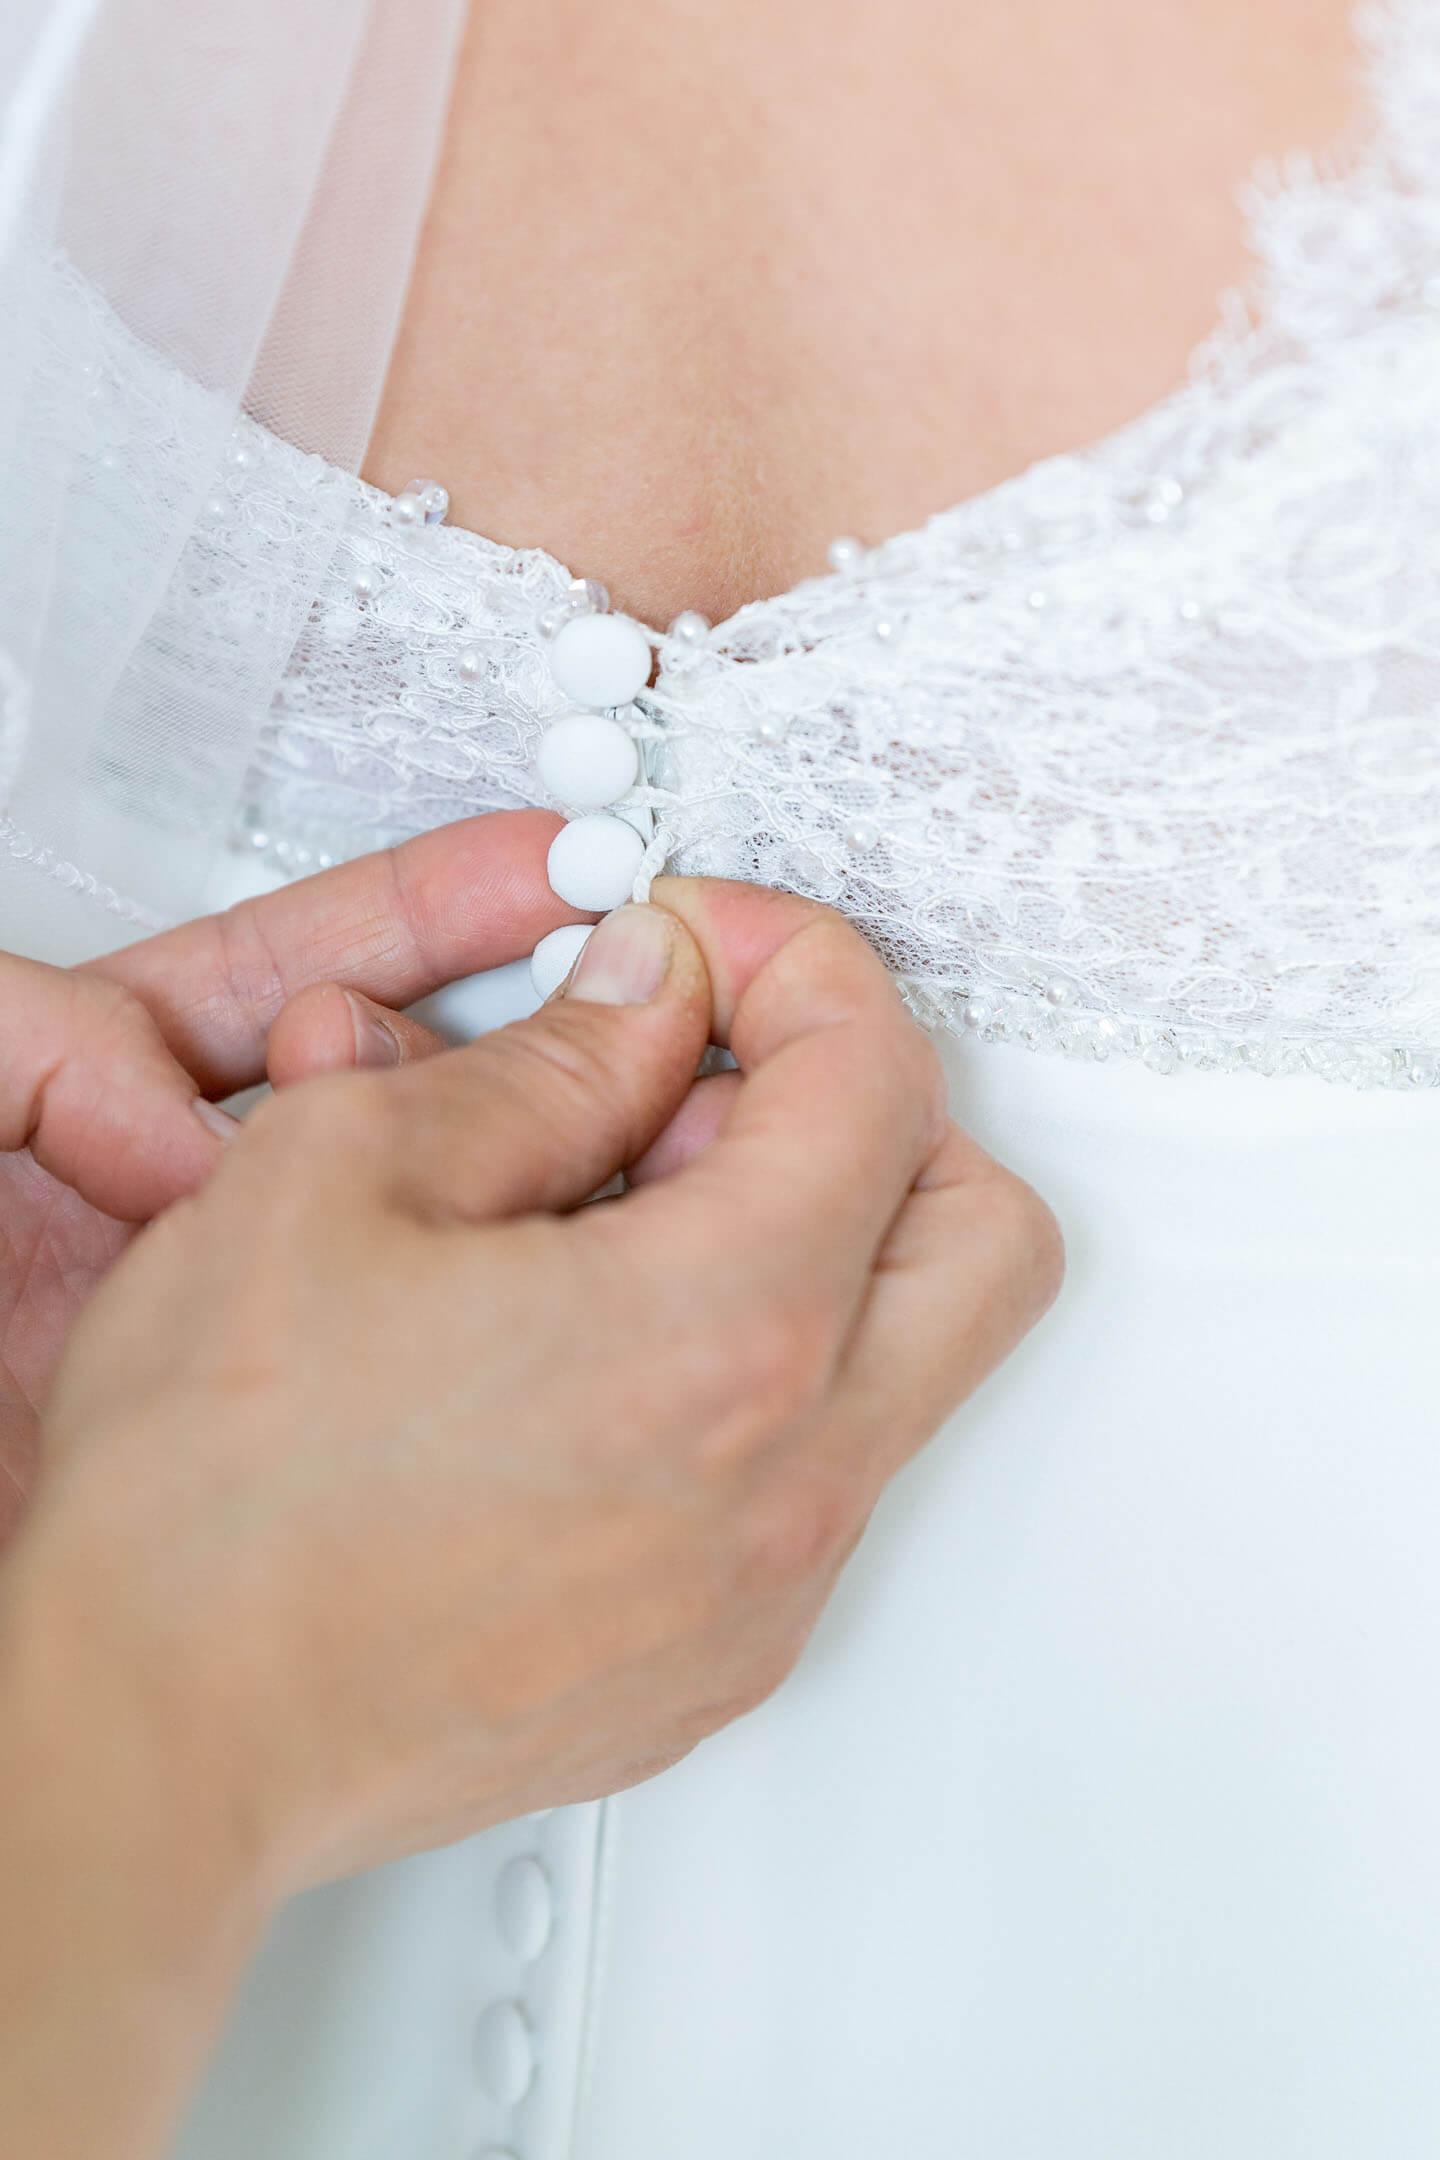 Brautkleid wird zugeknöpft.